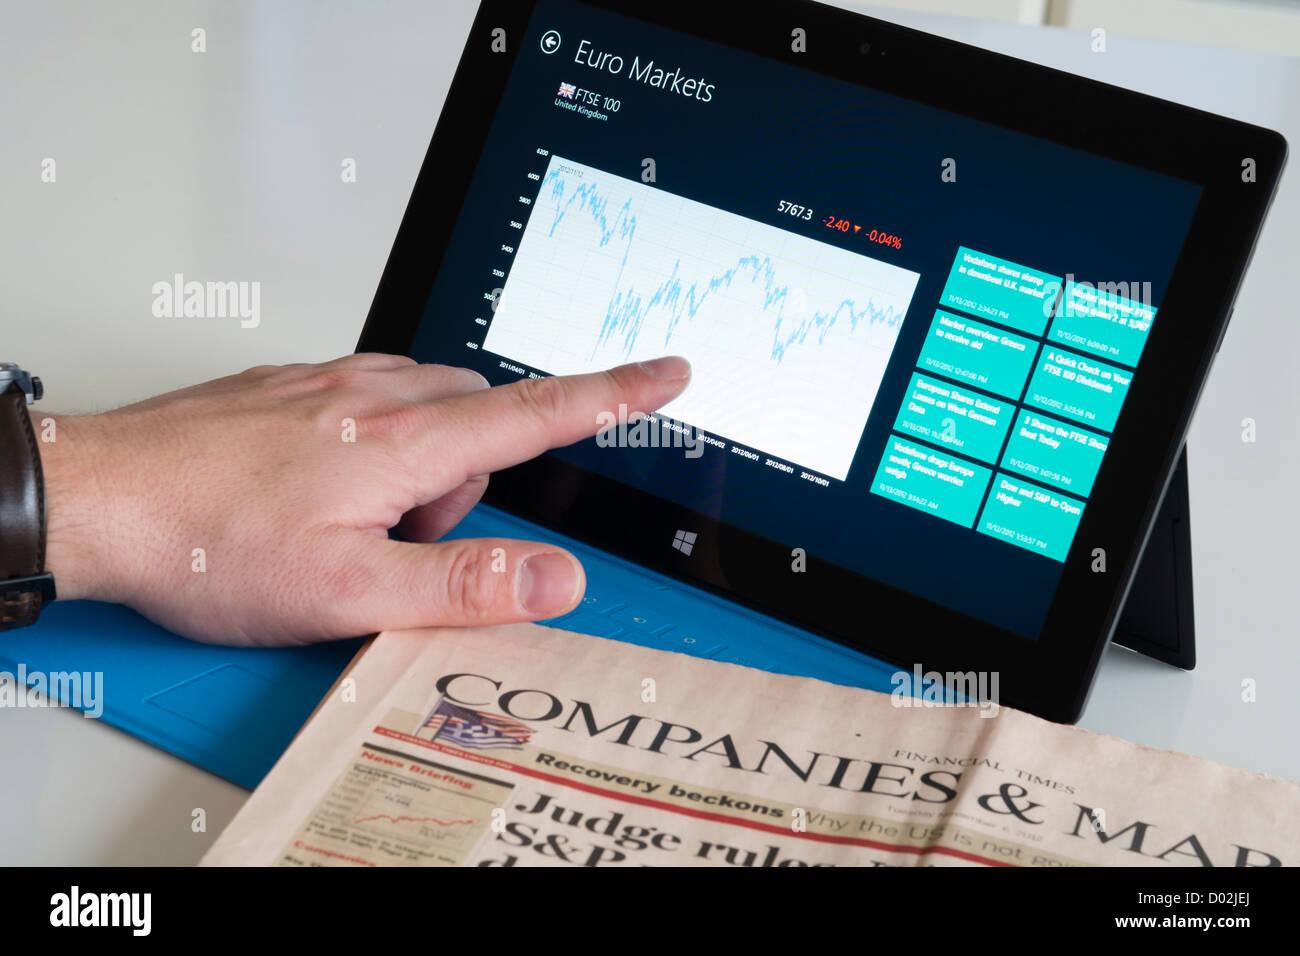 Windows 8 Screen Stock Photos & Windows 8 Screen Stock